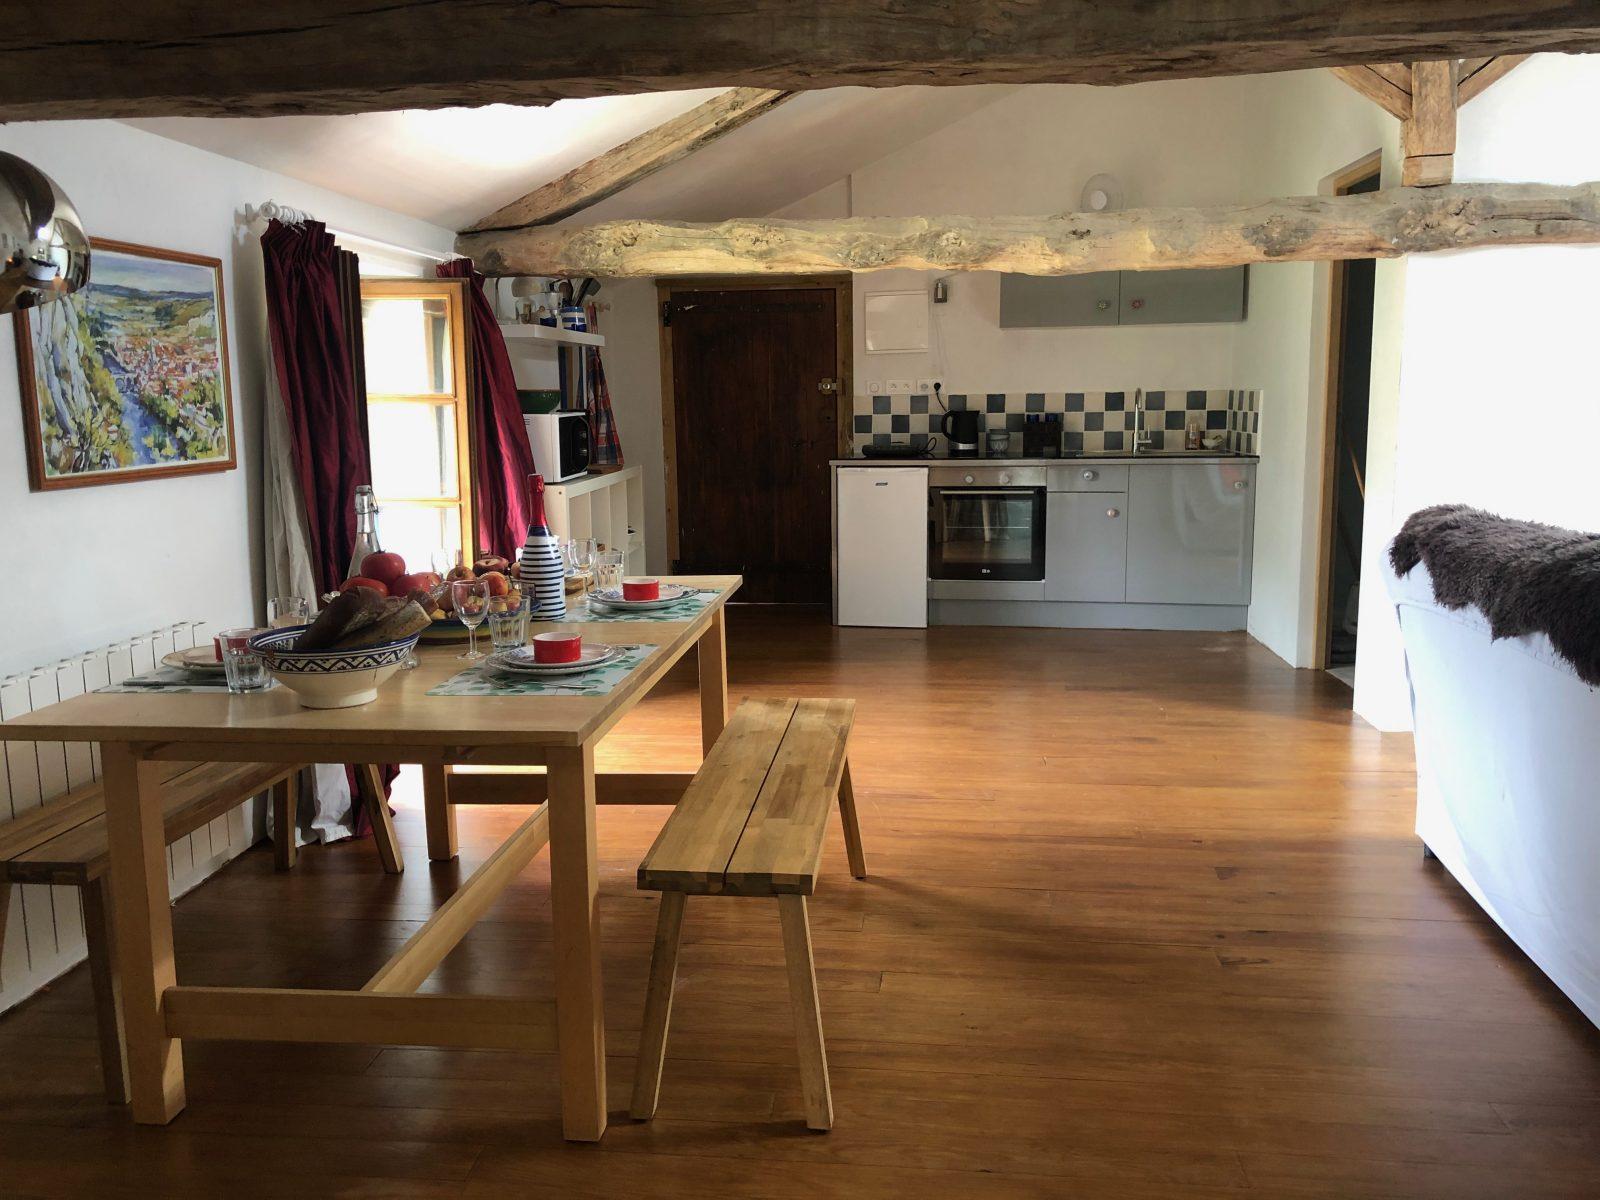 L'appartement des Figuiers : le séjour avec le coin cuisine